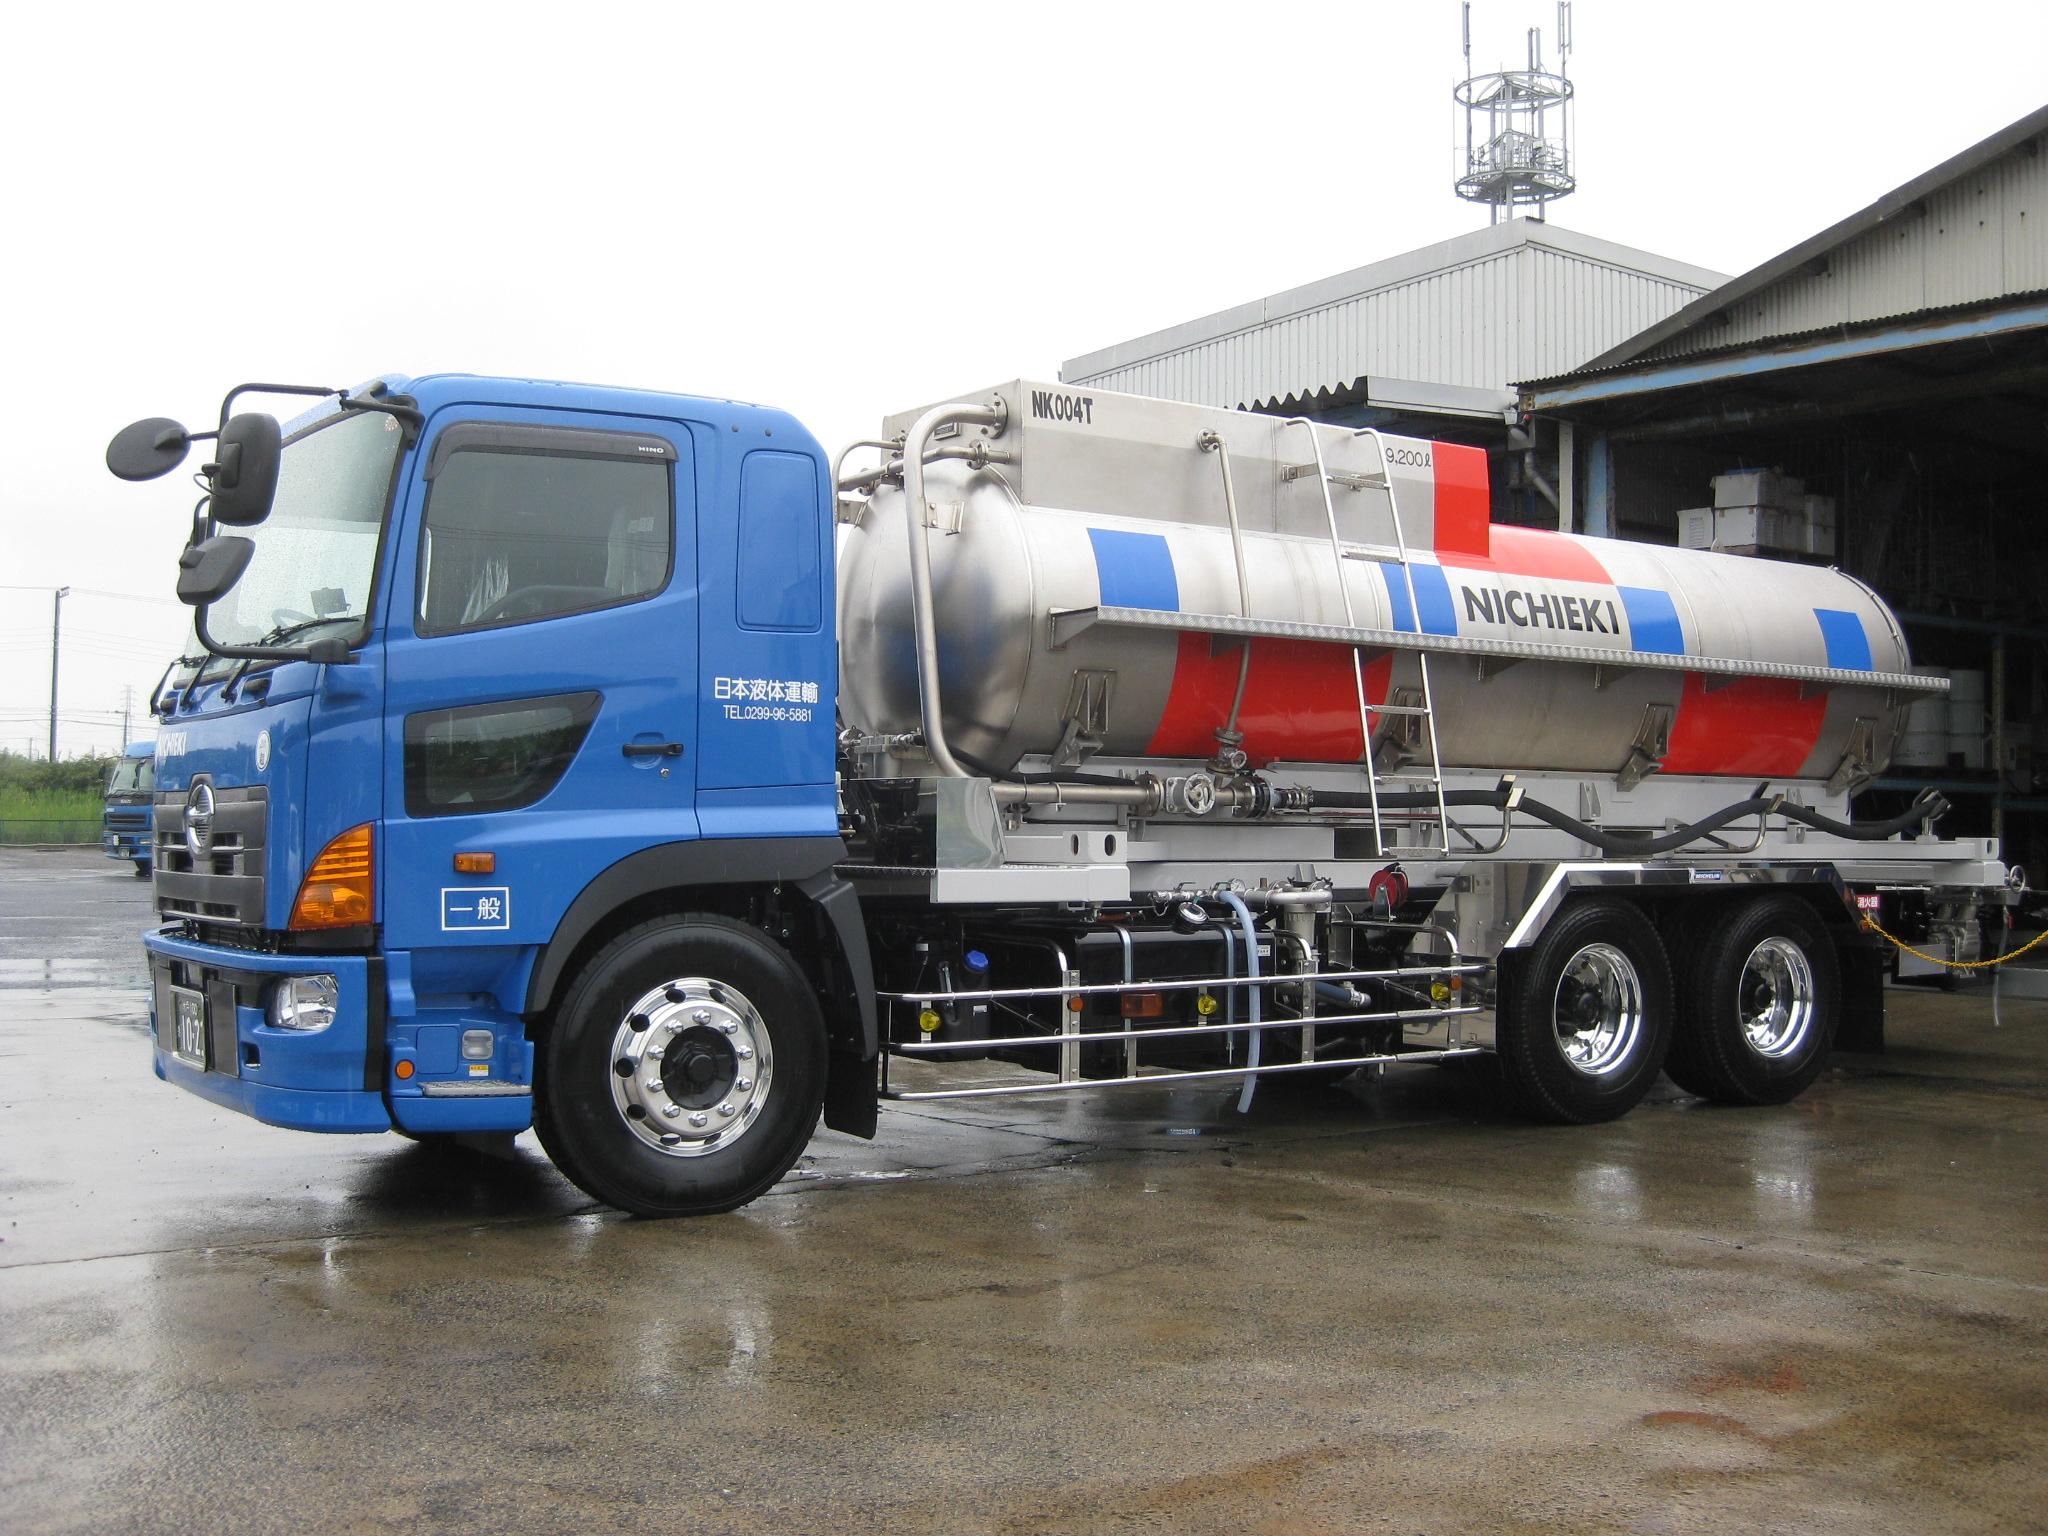 X One装着 日本液体運輸タンクローリー_1